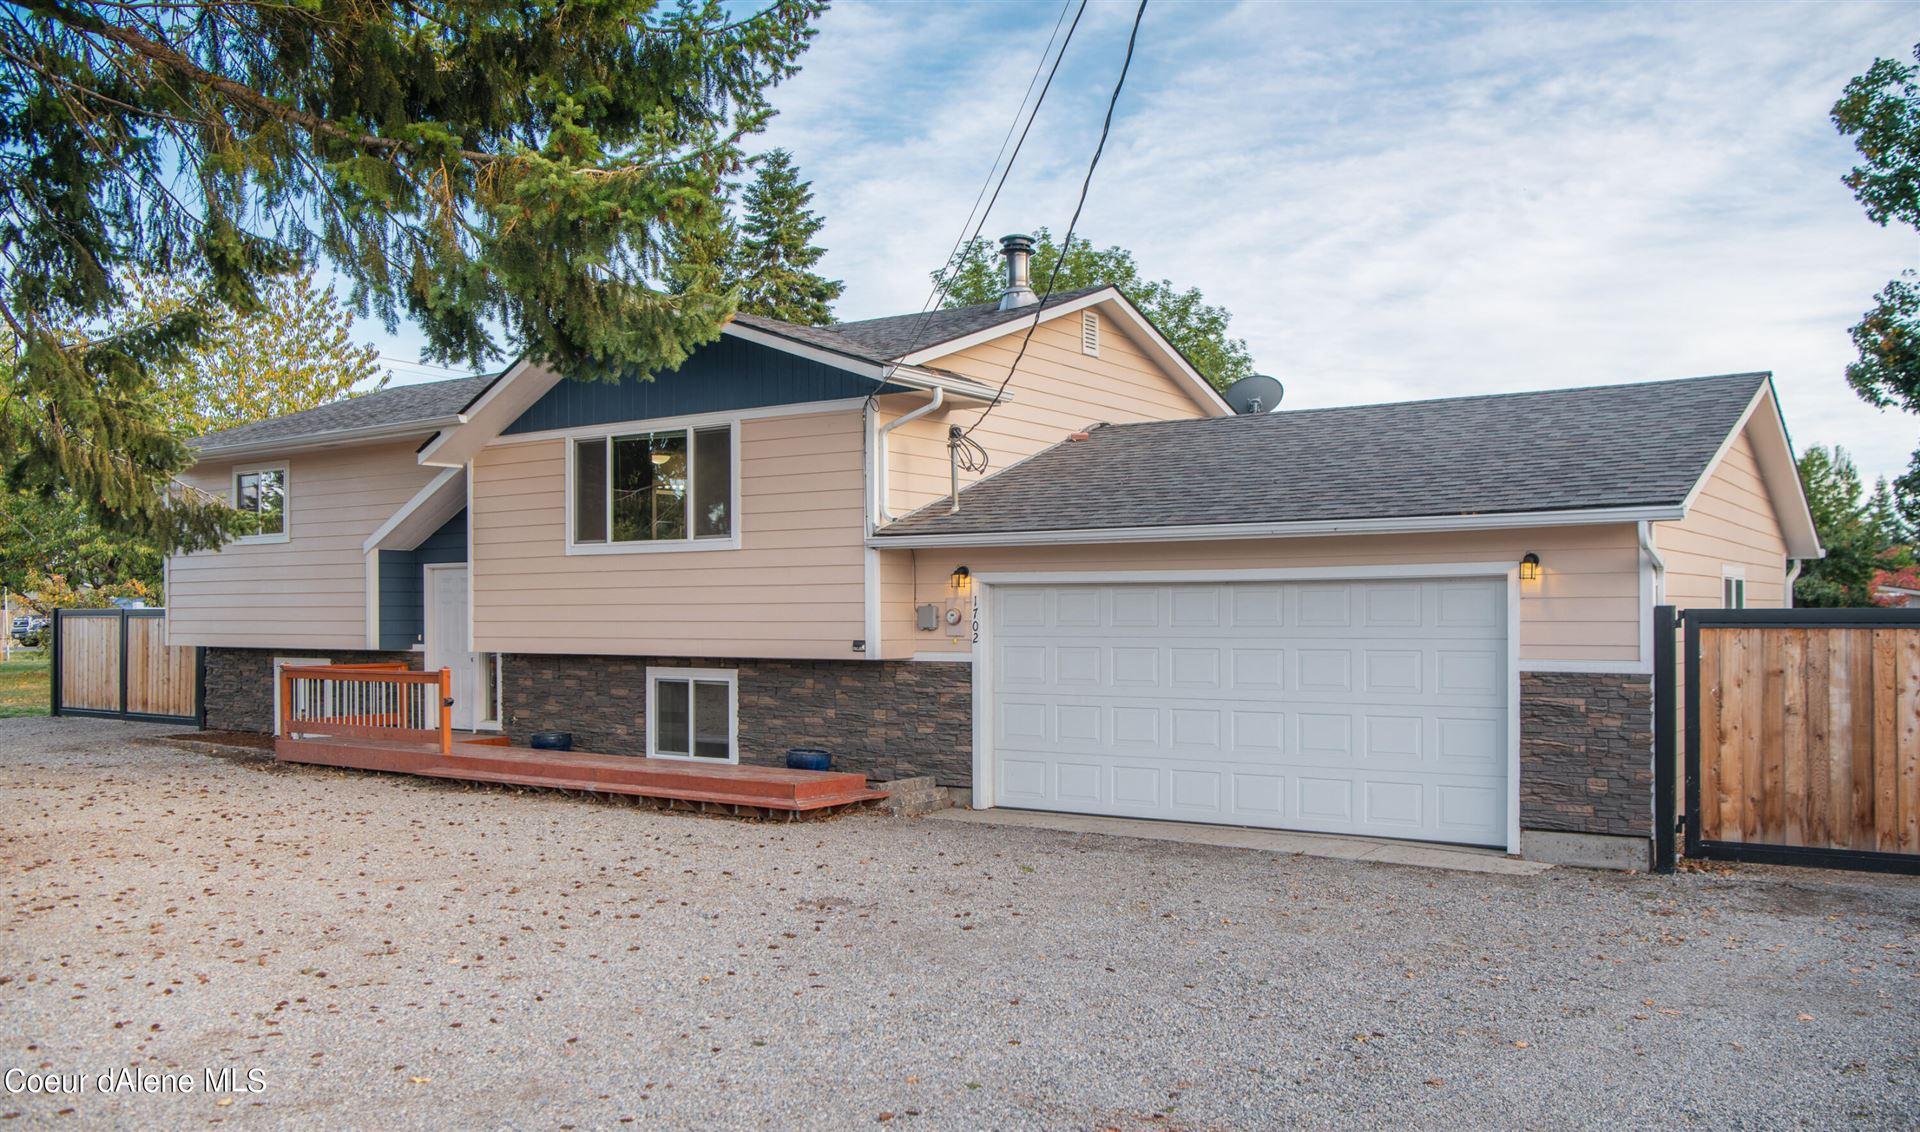 Photo of 1702 W Honeysuckle Ave, Hayden, ID 83835 (MLS # 21-10106)